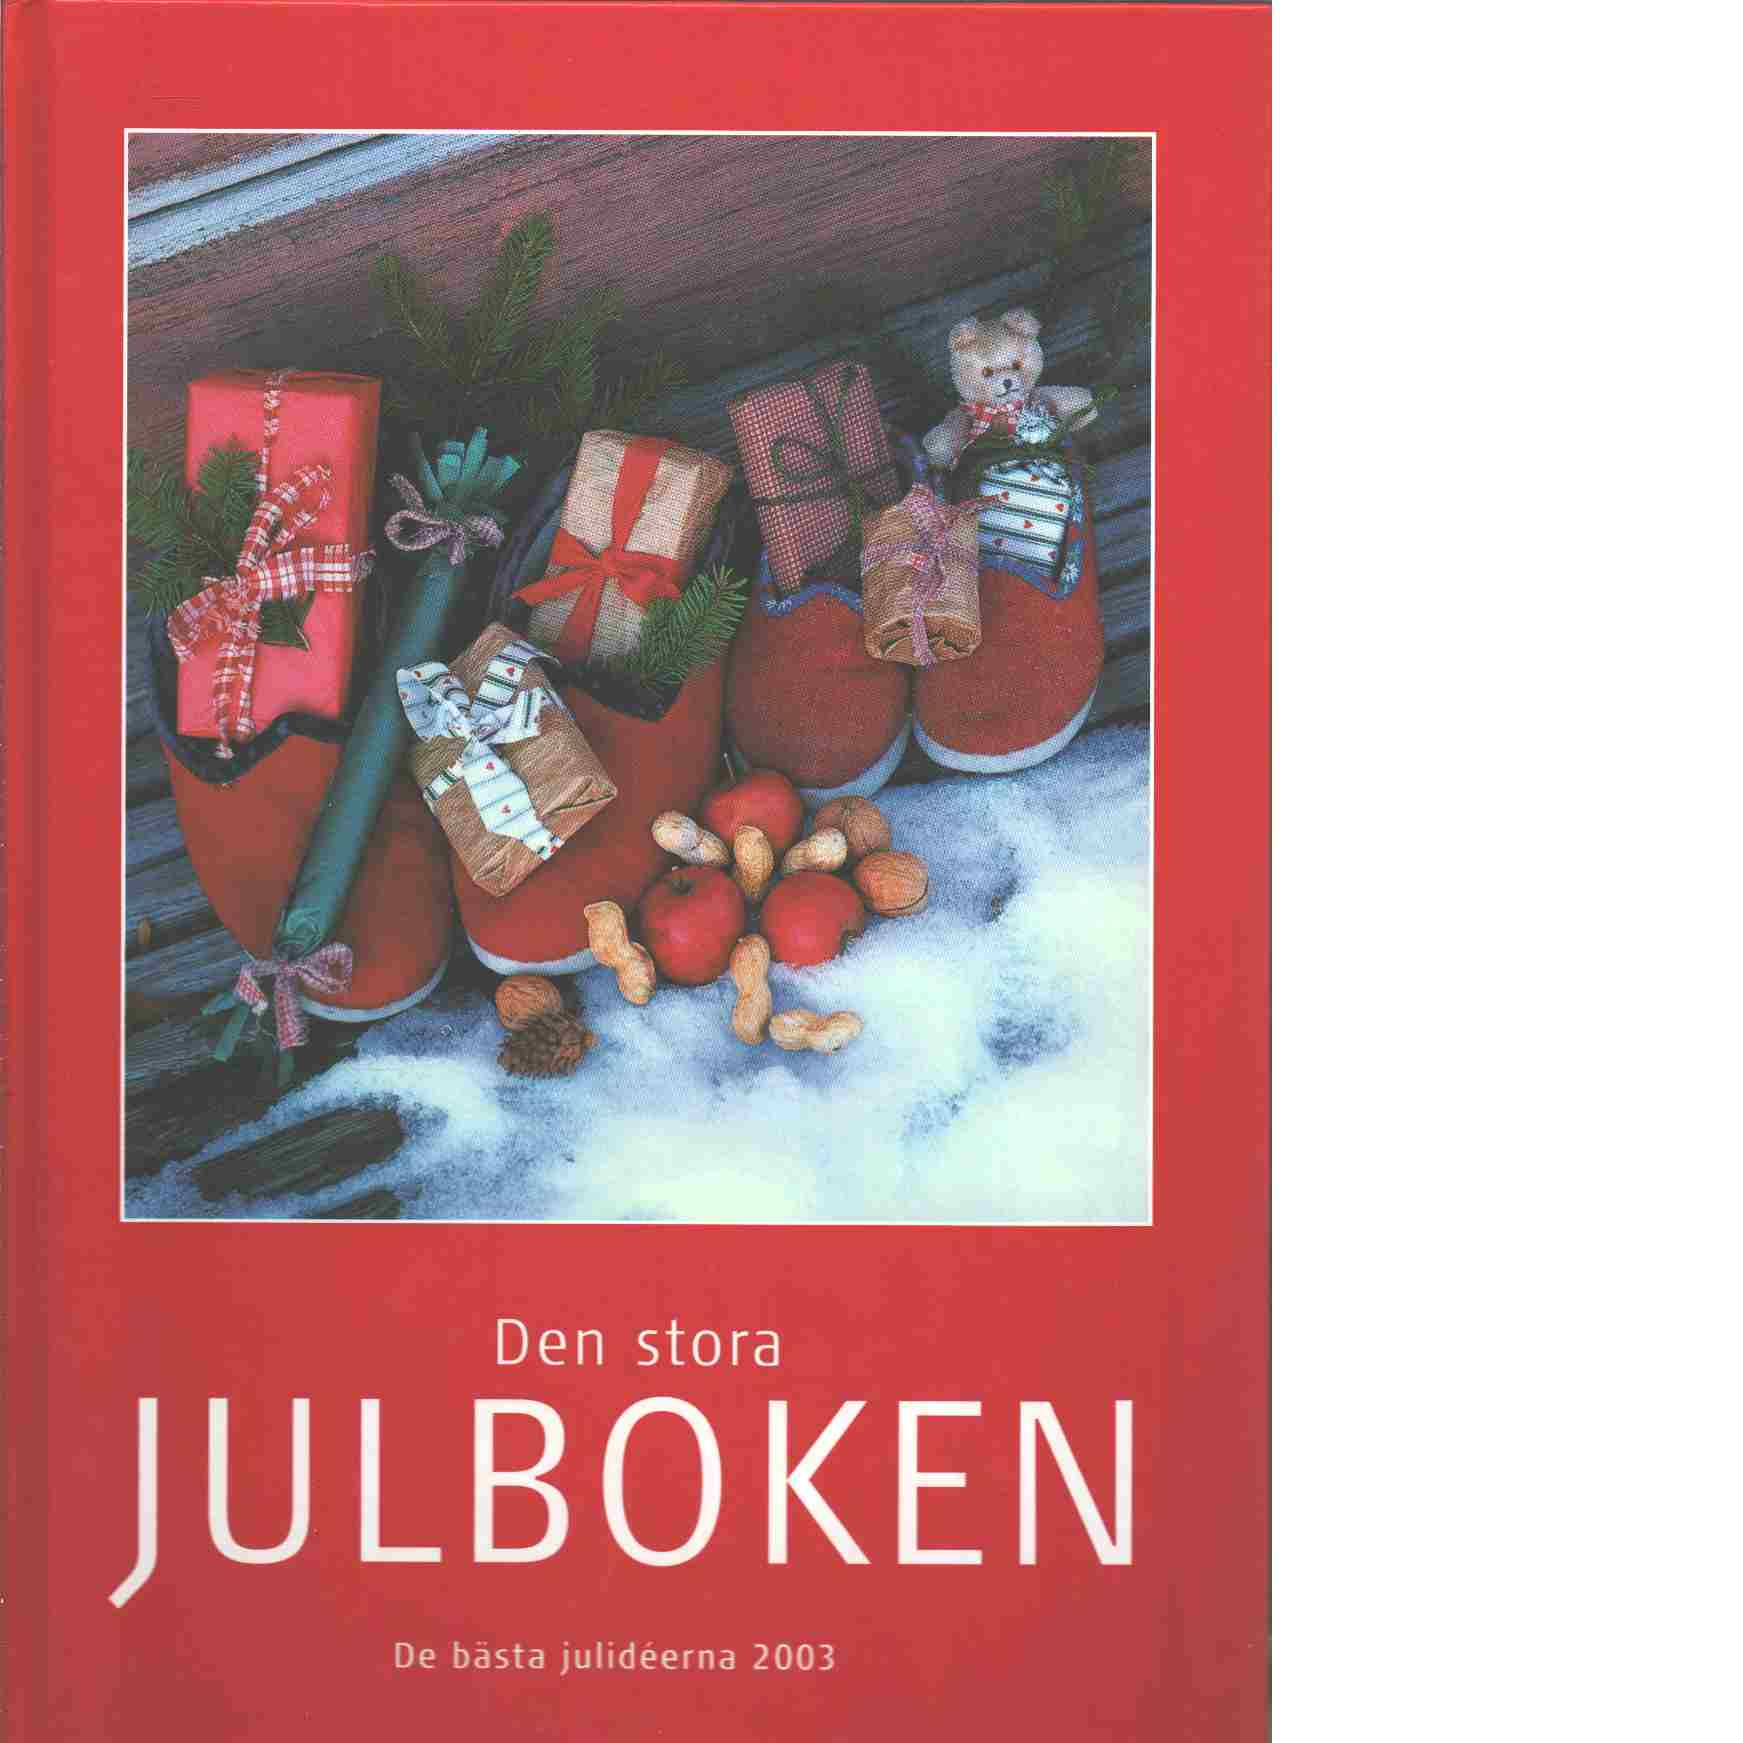 Den stora julboken - De bästa julideerna 2006 - Red.